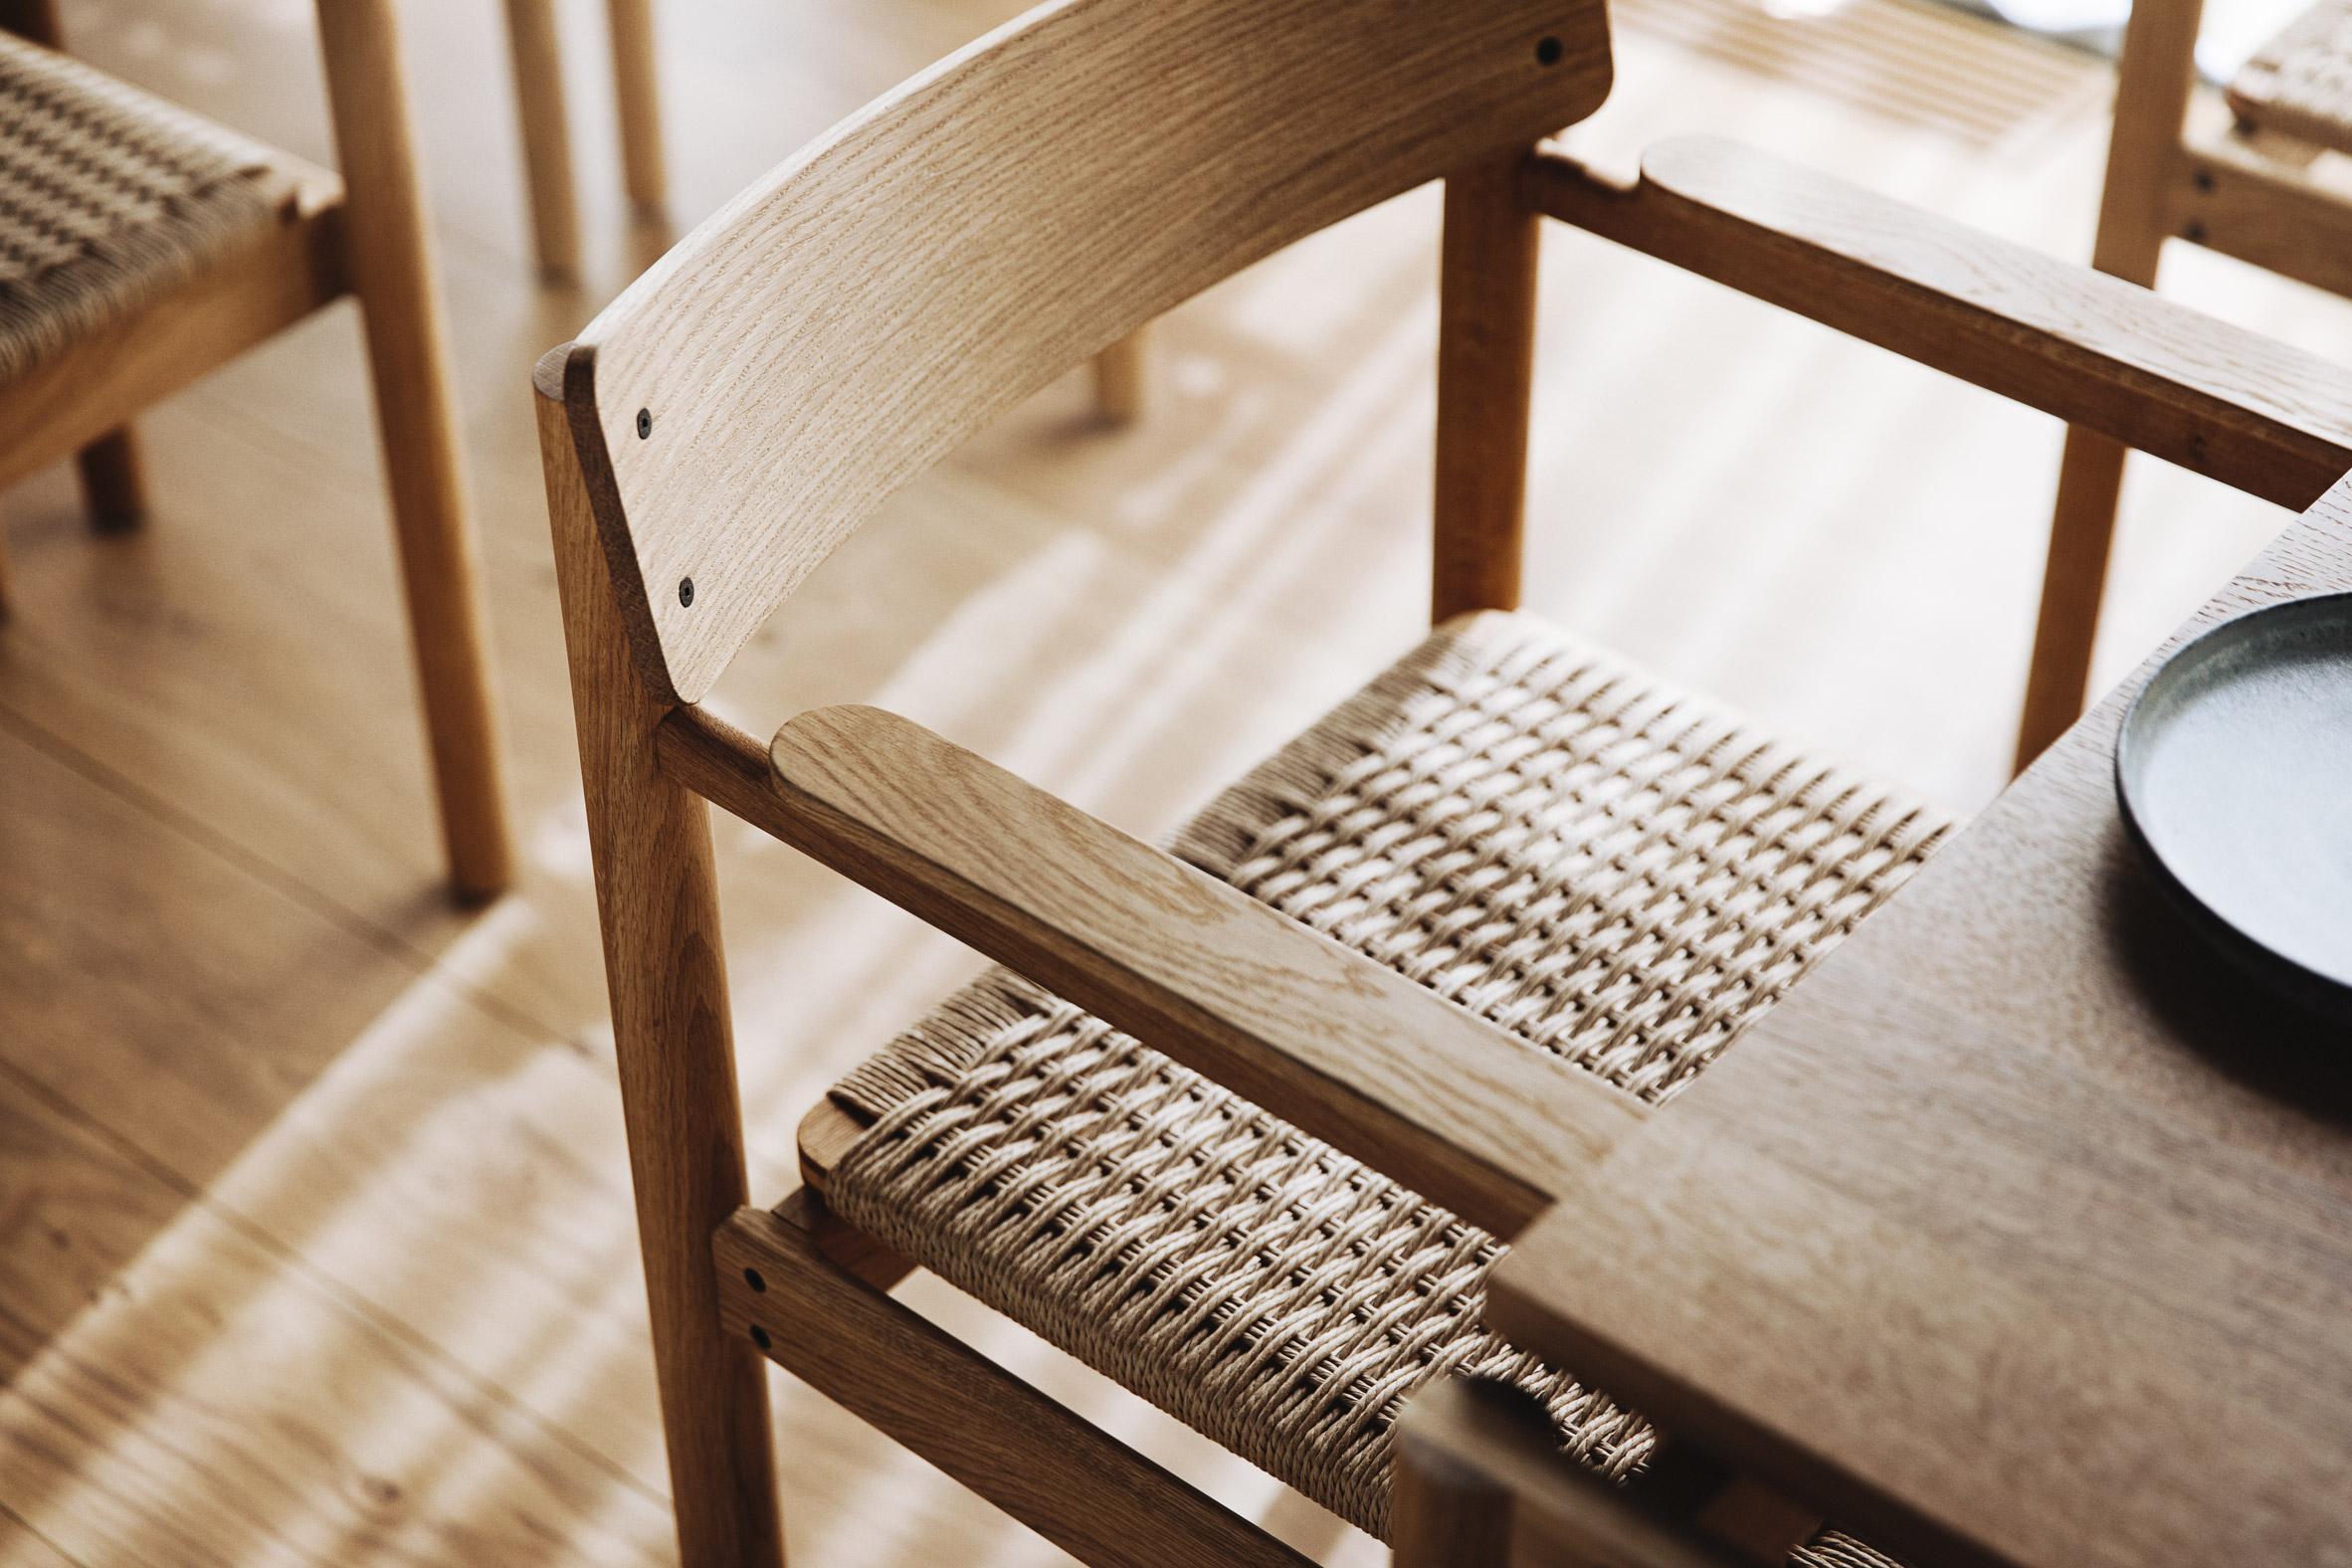 Chair in Substans restaurant in Aarhus by Krøyer & Gatten